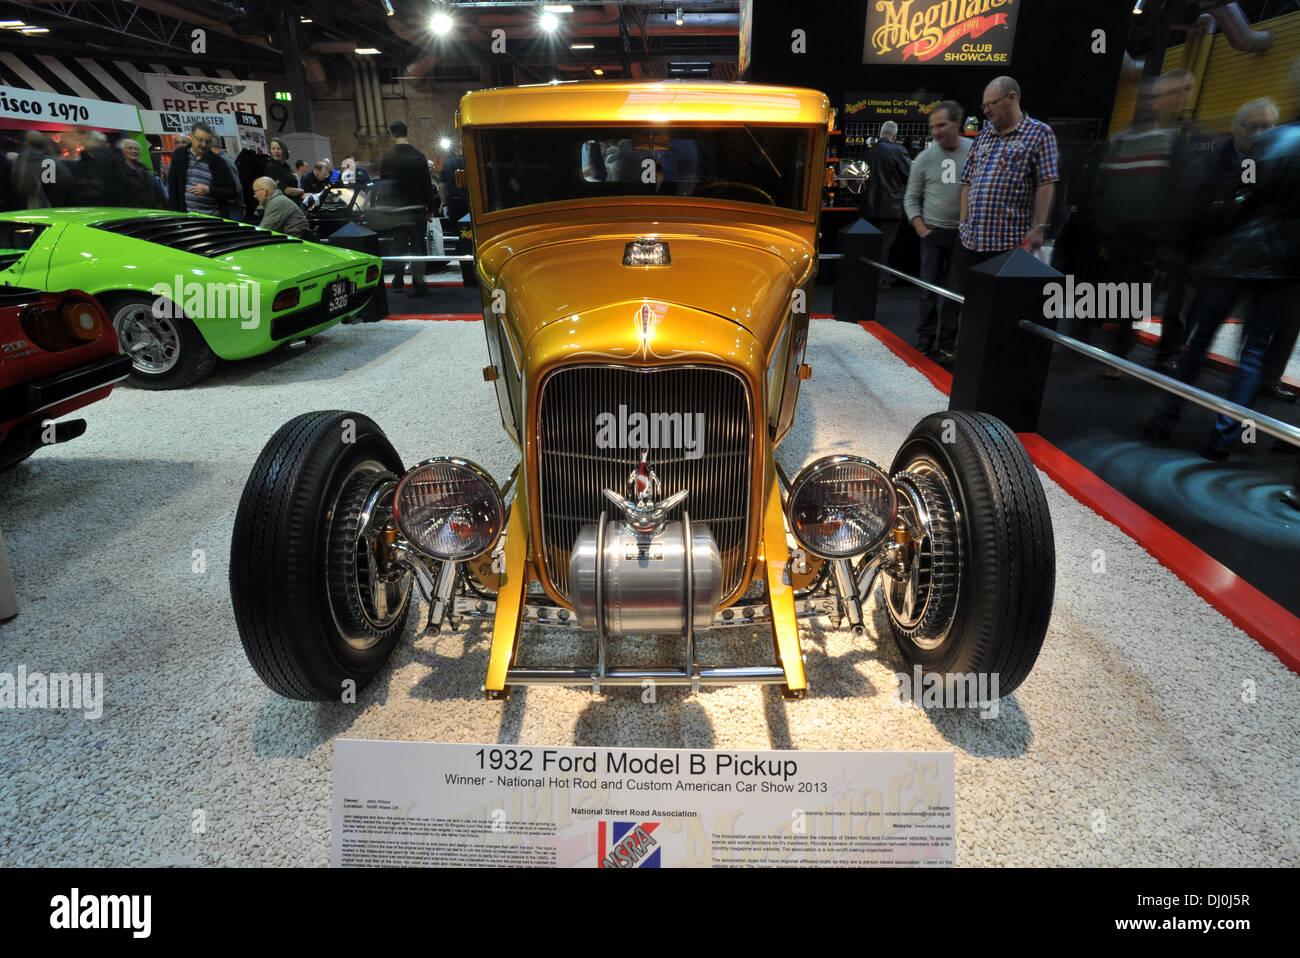 Hot Rod Car Stock Photos & Hot Rod Car Stock Images - Alamy